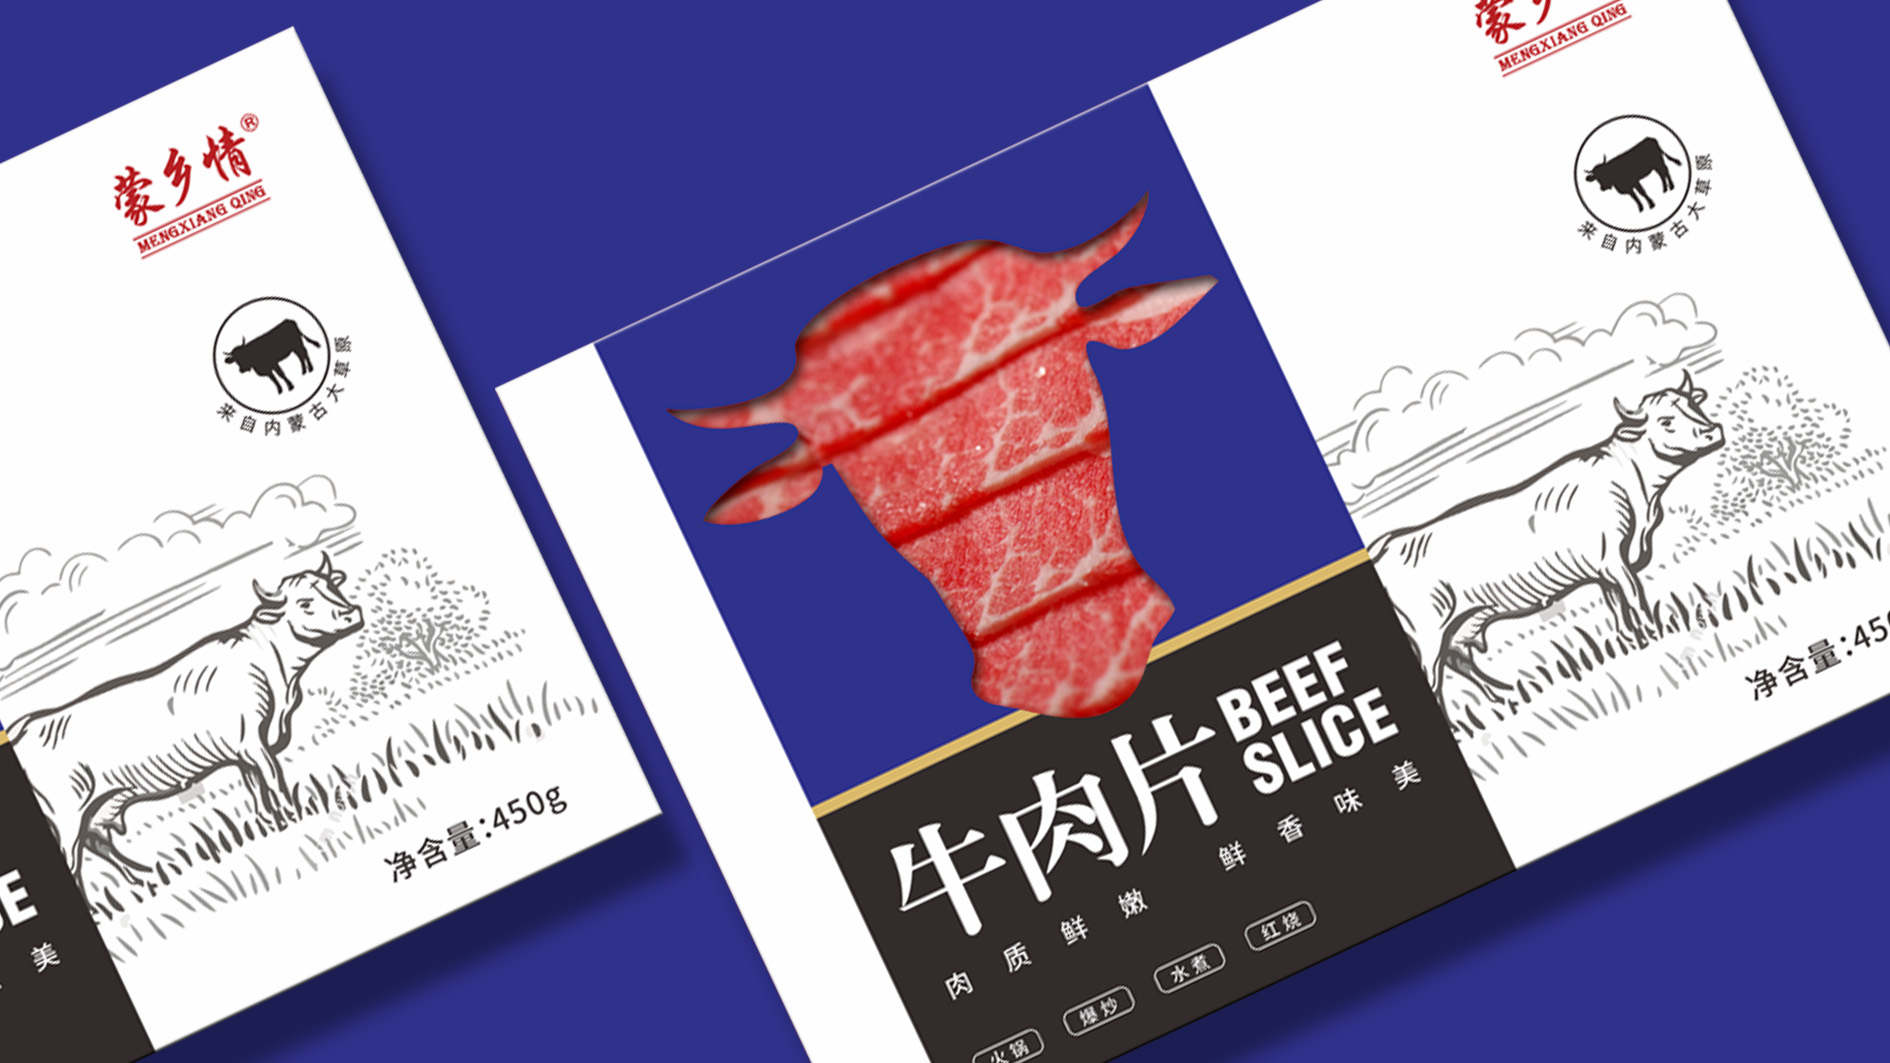 蒙乡情牛肉食品品牌包装亚博客服电话多少